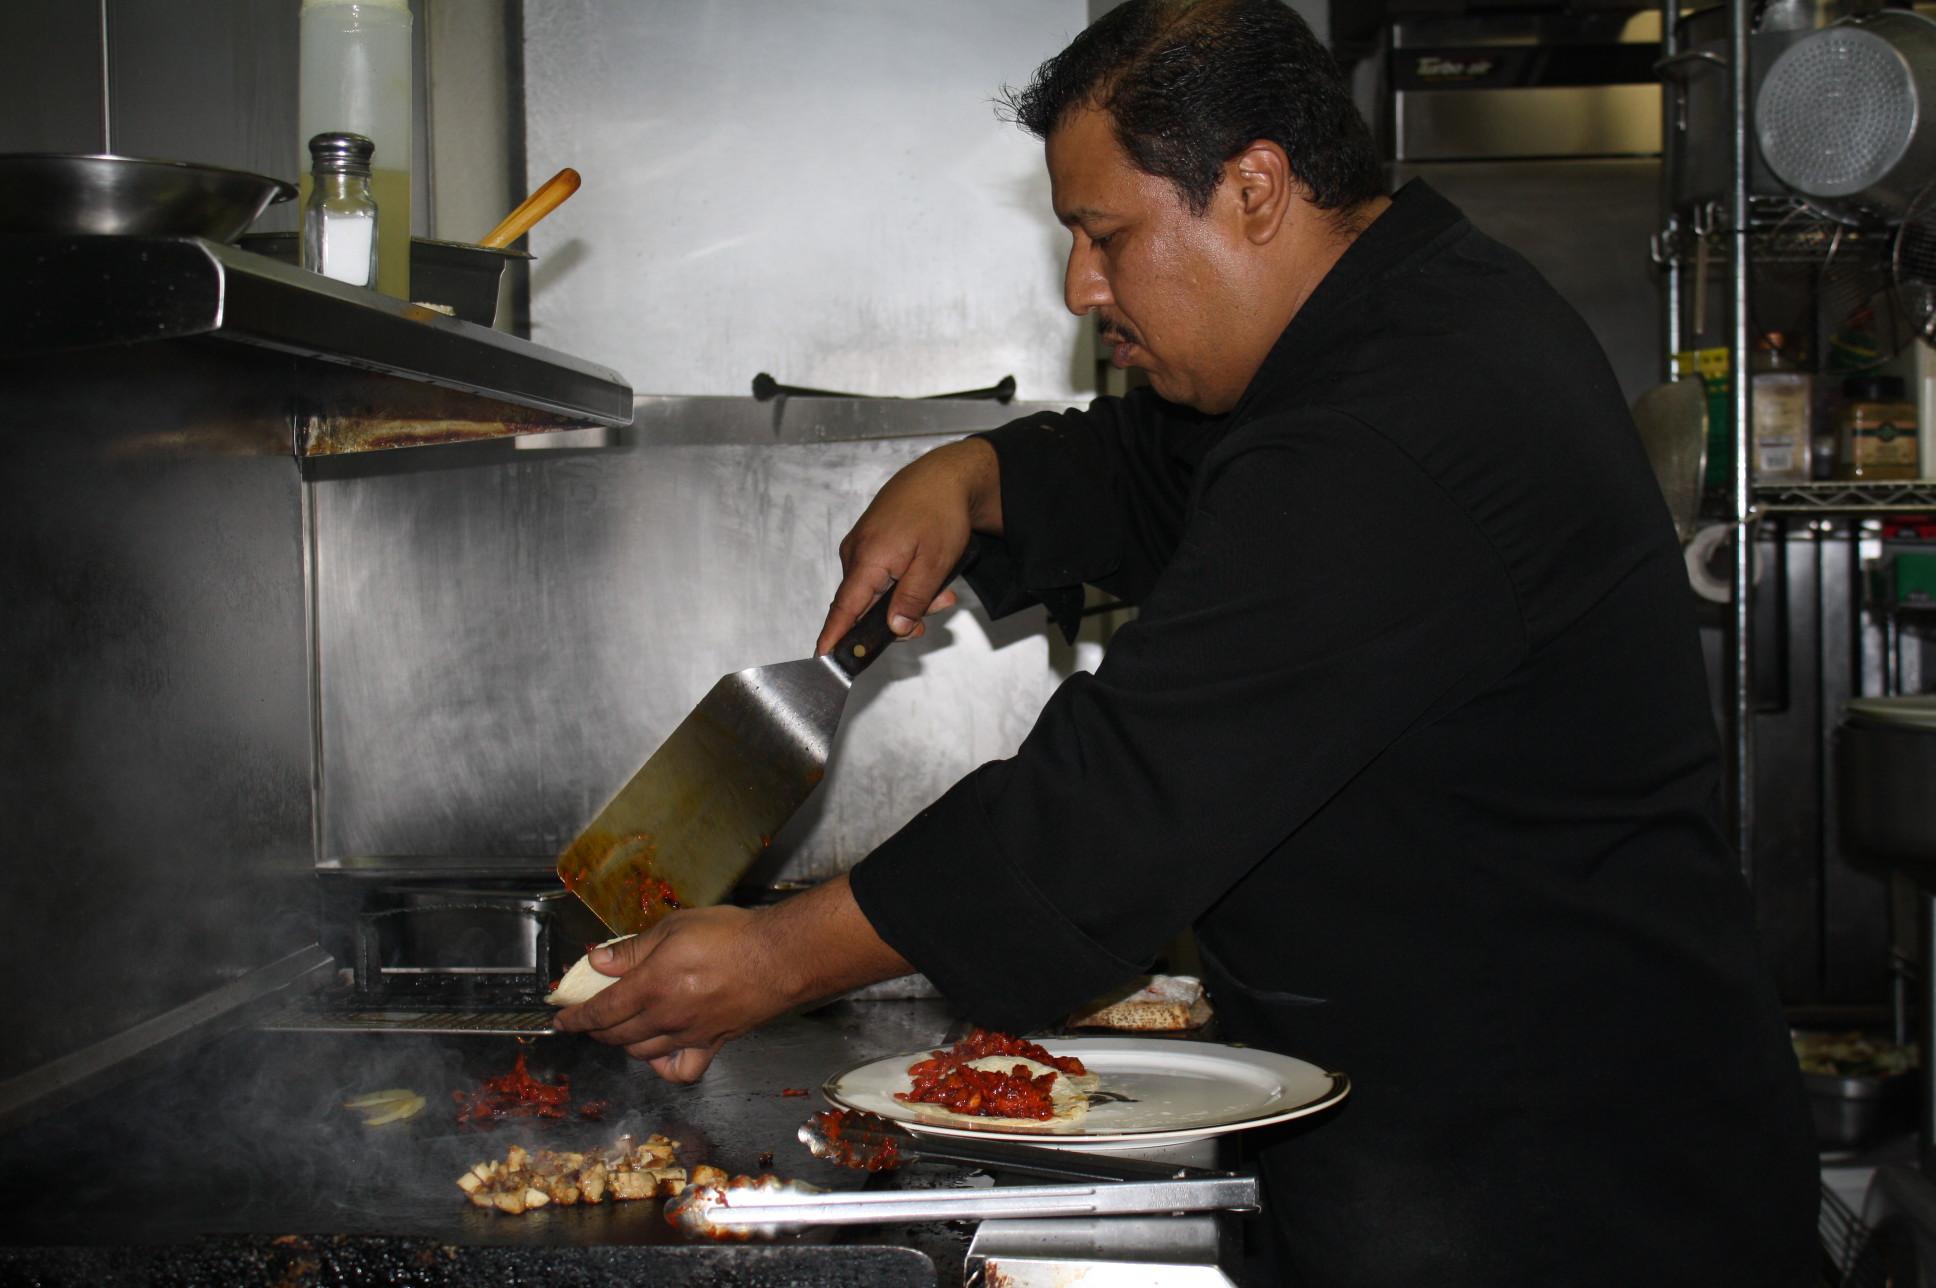 En plena acción preparando unos delicioso tacos. (Foto Agustín Durán/El Pasajero)